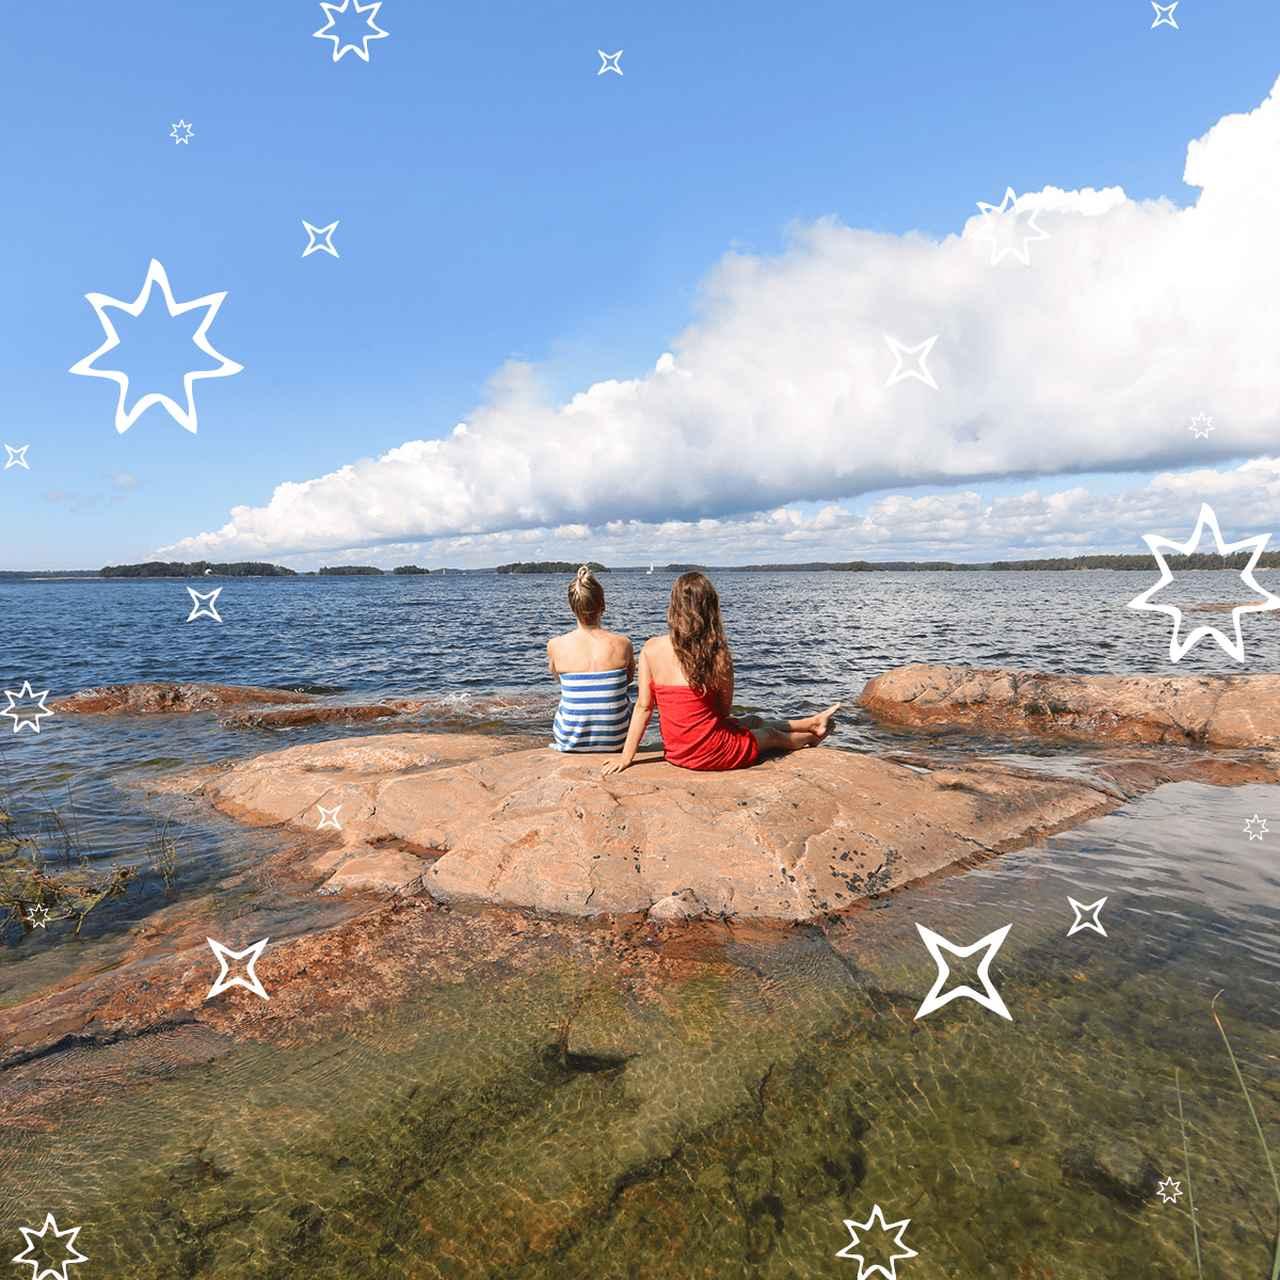 画像: 立ち寄りフィンランドの旅へ・夏編 森と湖、白夜にオーロラ フィンランド人に聞いた、自然と遊ぶ3つのアイデア